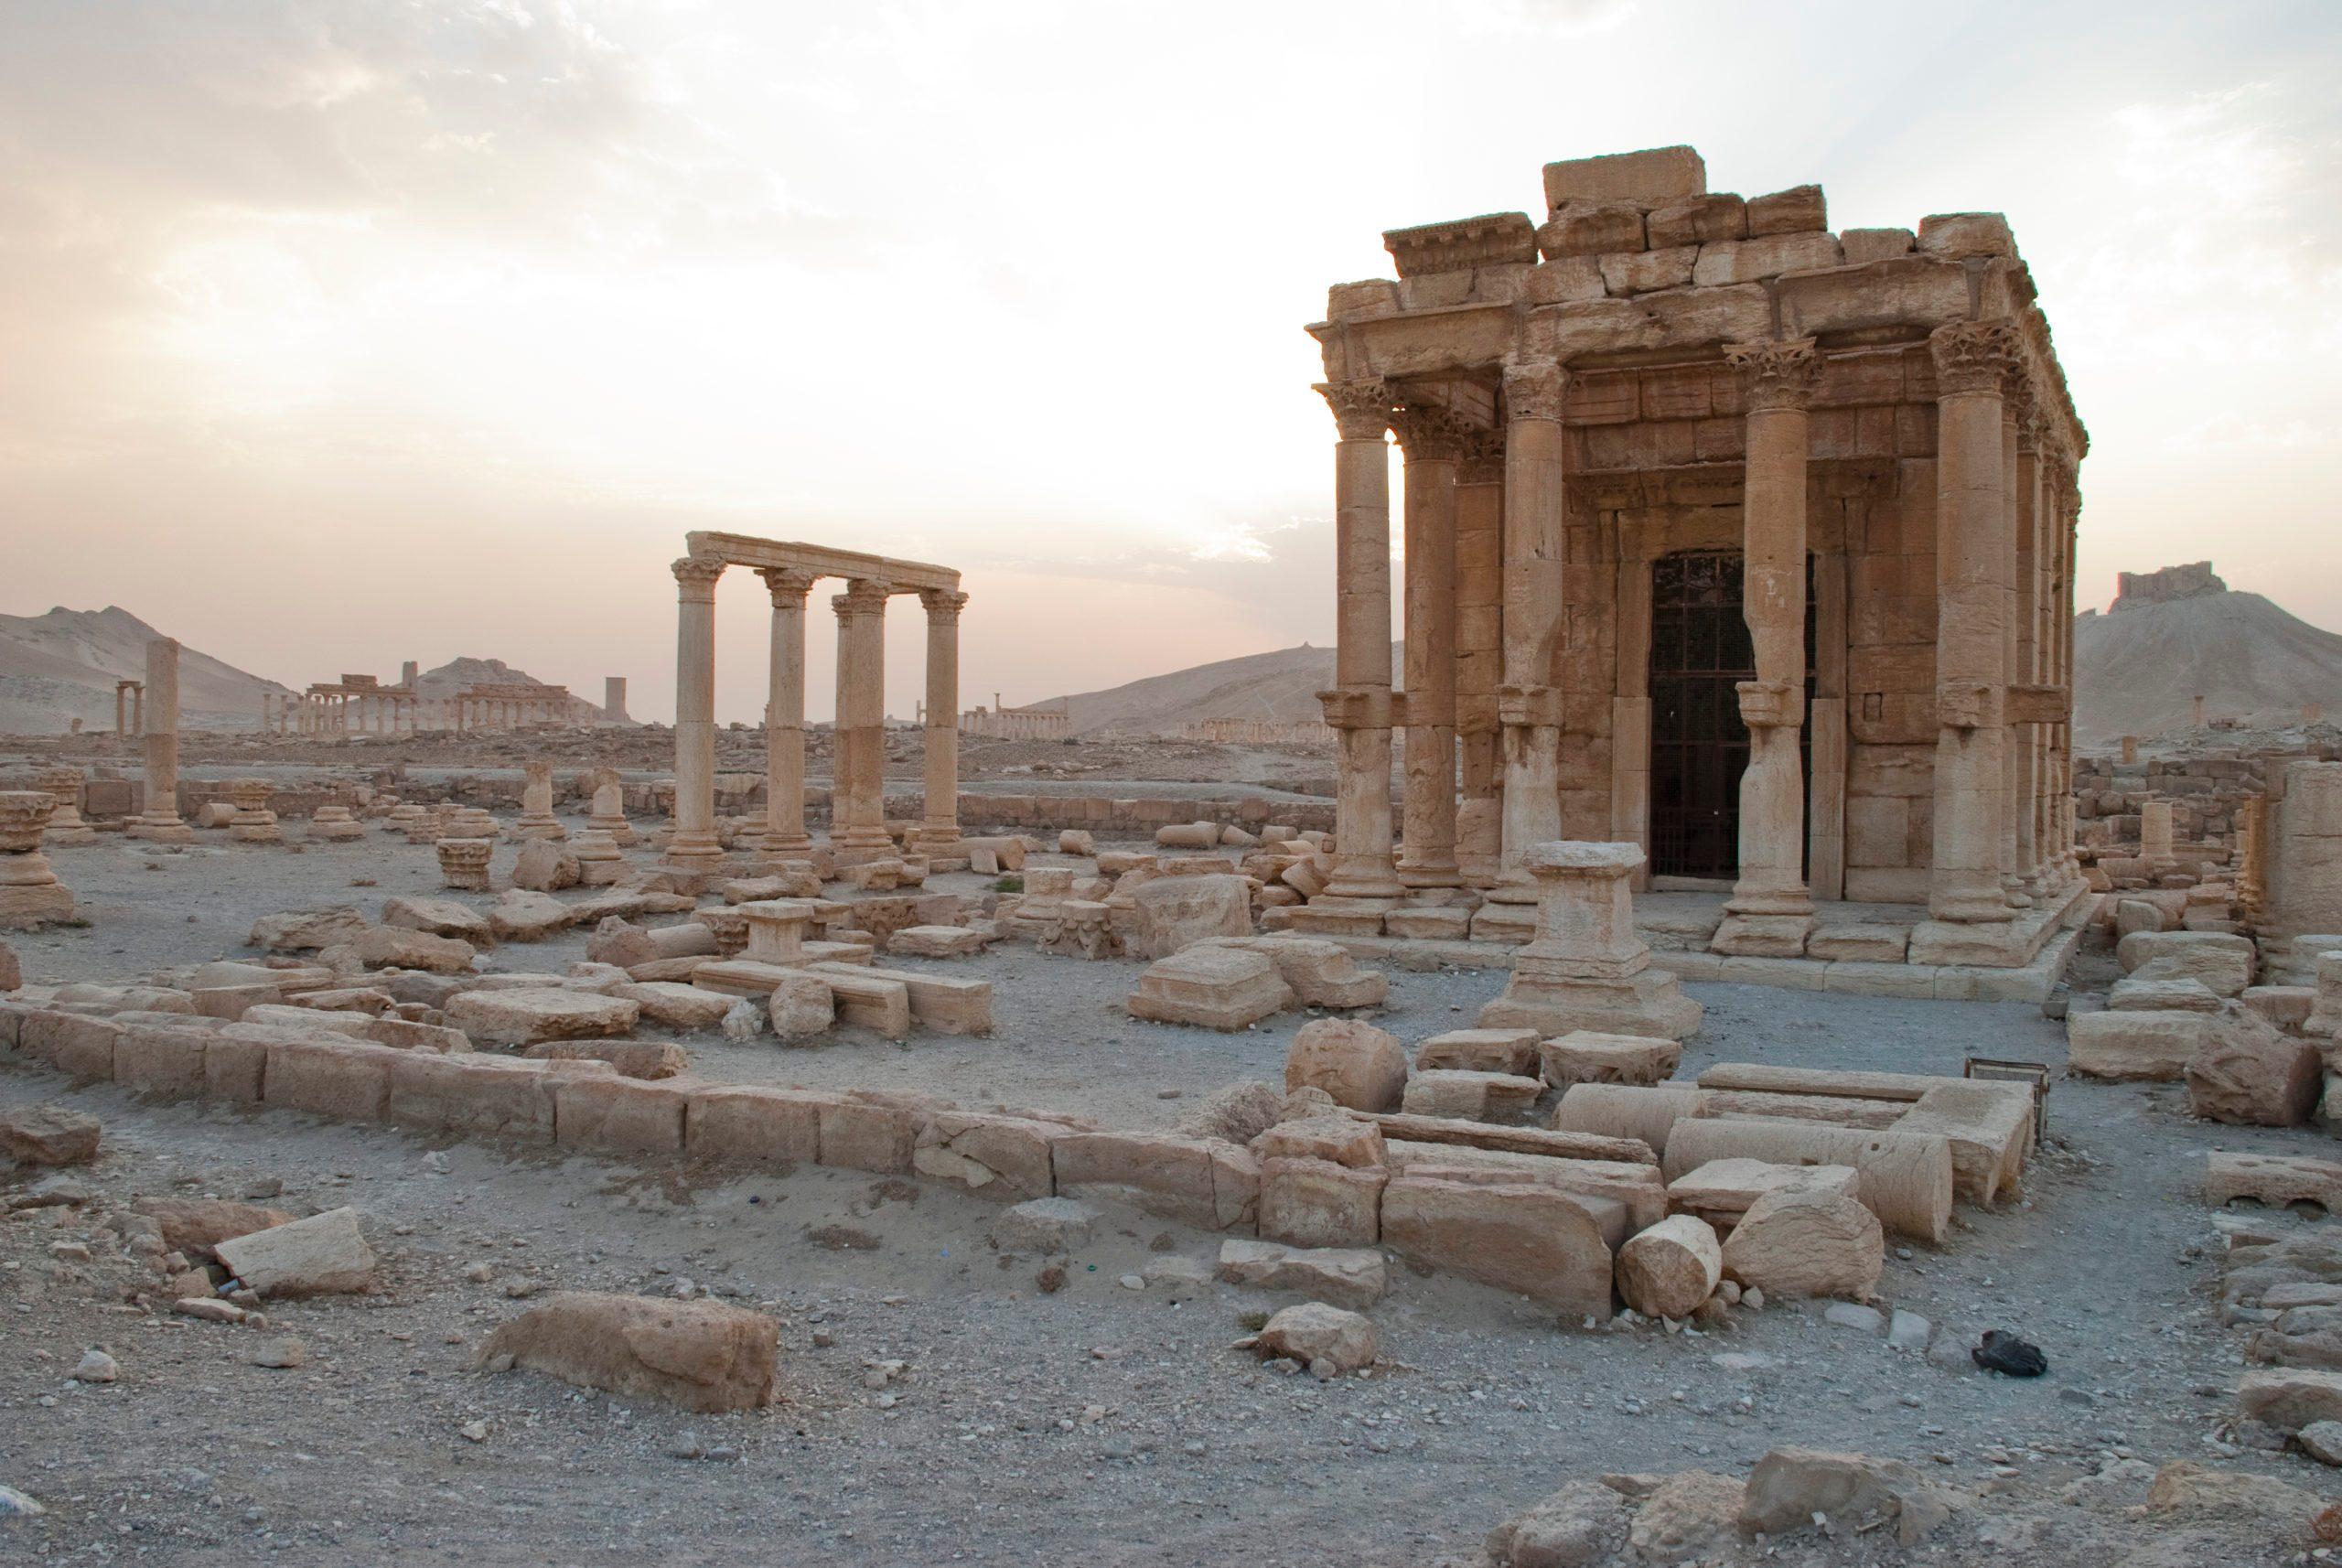 Temple of Bel-Shamin, Palmyra, Syria.